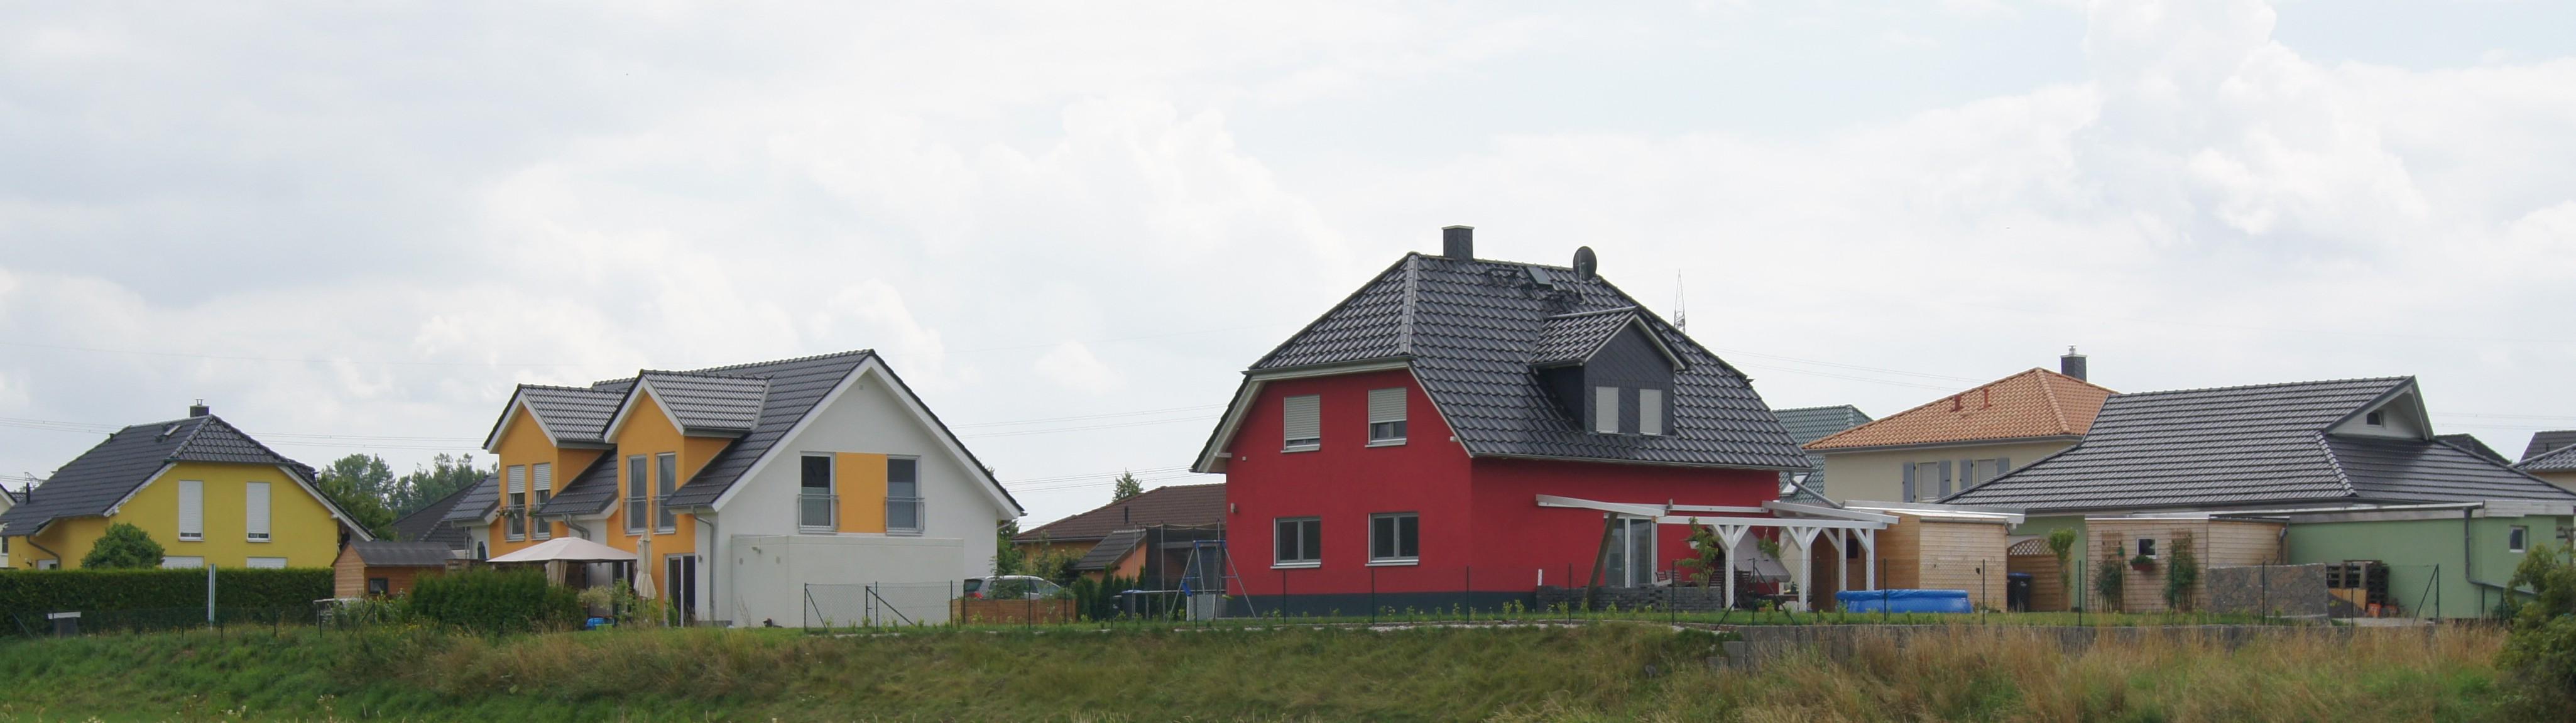 Einfamilienhäuser in Rötha